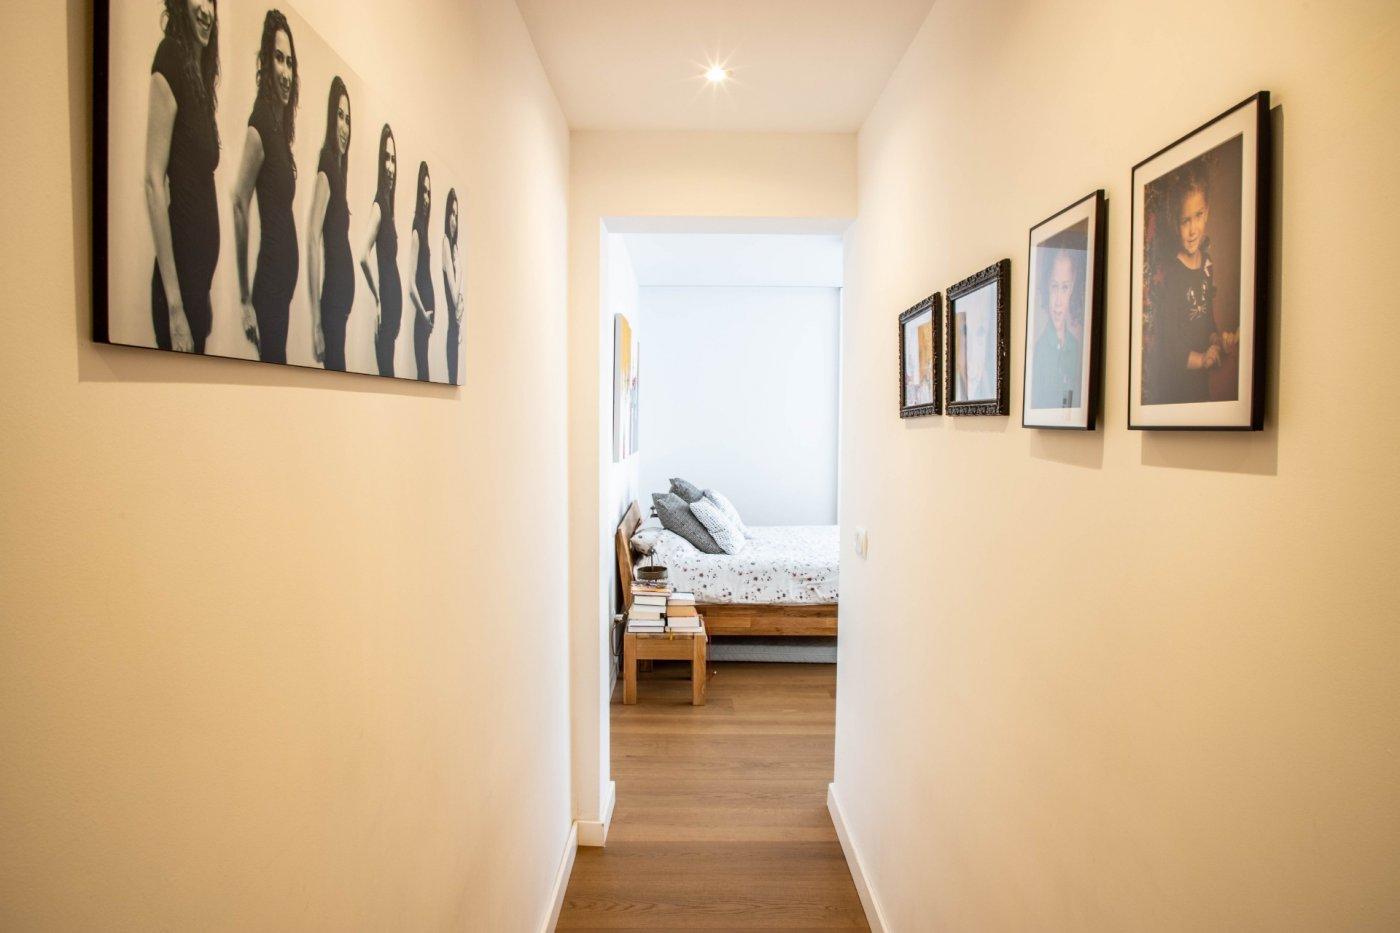 Excelente piso en muy buena ubicacion - imagenInmueble24